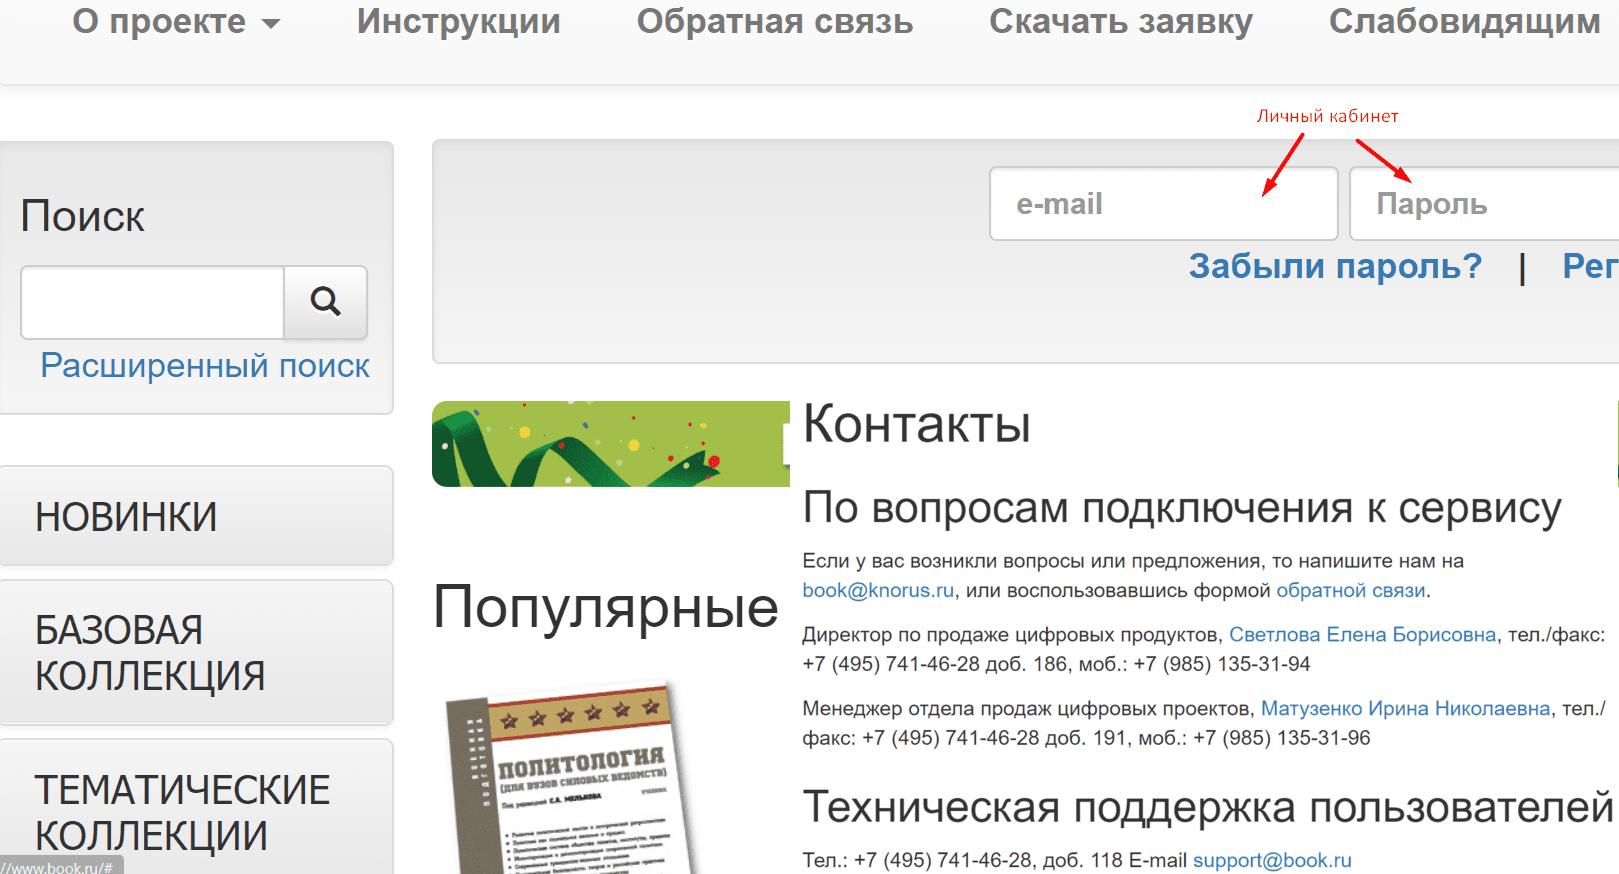 Ссылка на сайт ЭБС BOOK.RU